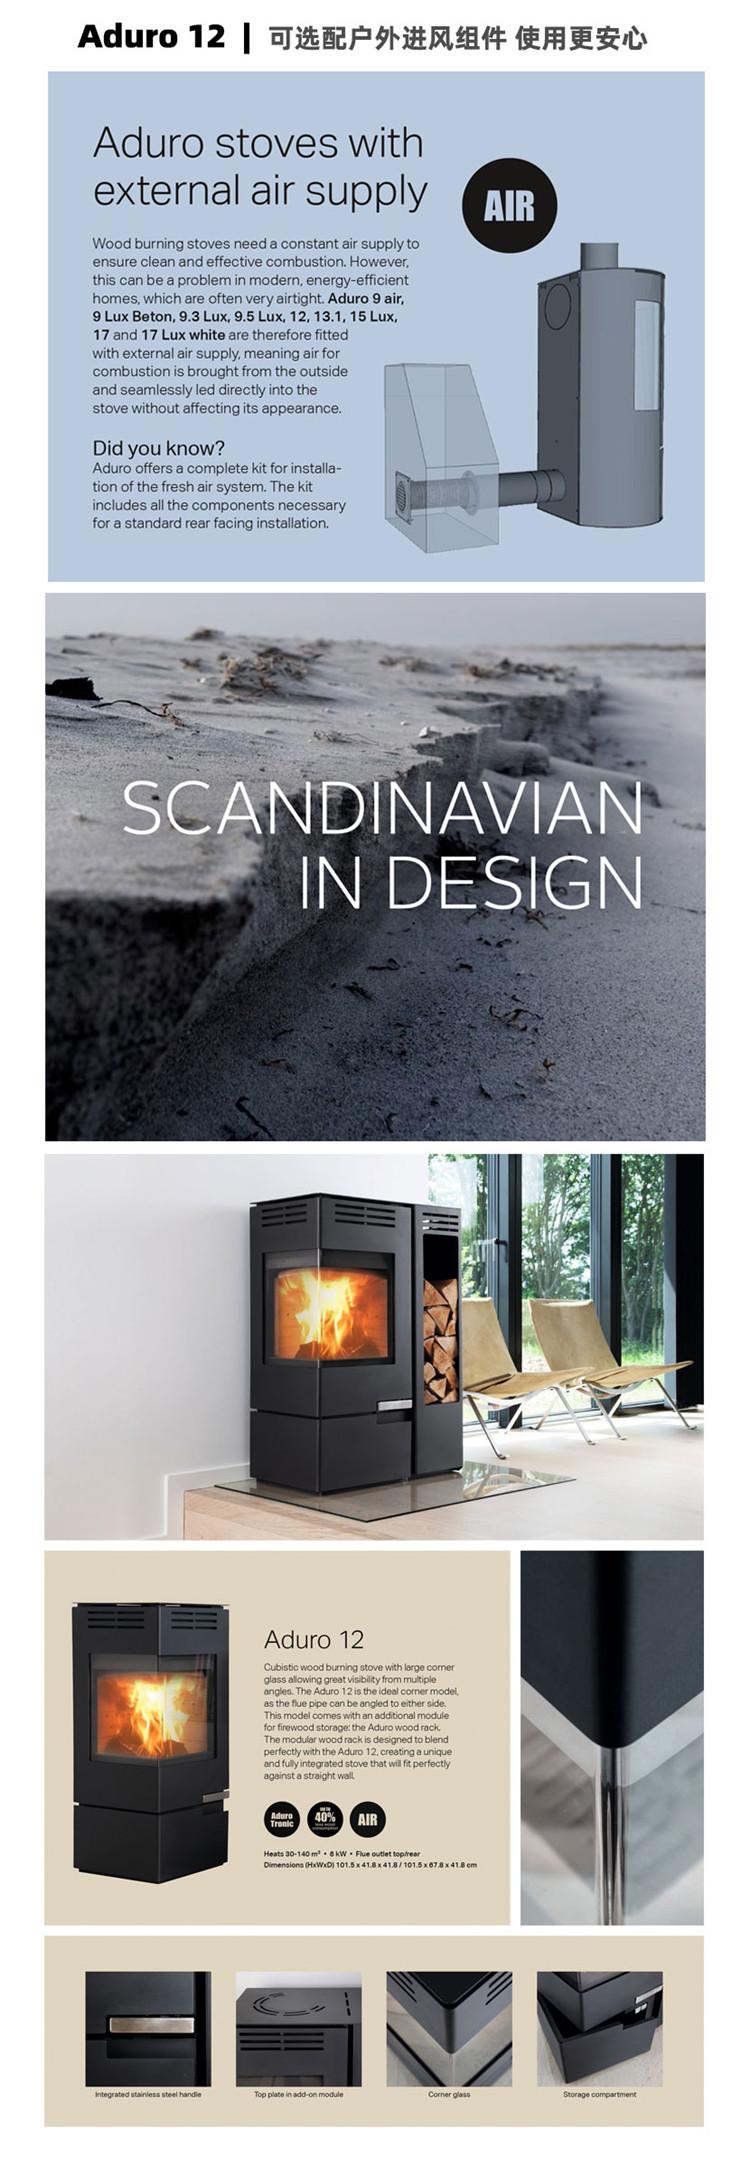 丹麦欧式燃木壁炉Aduro 12.jpg